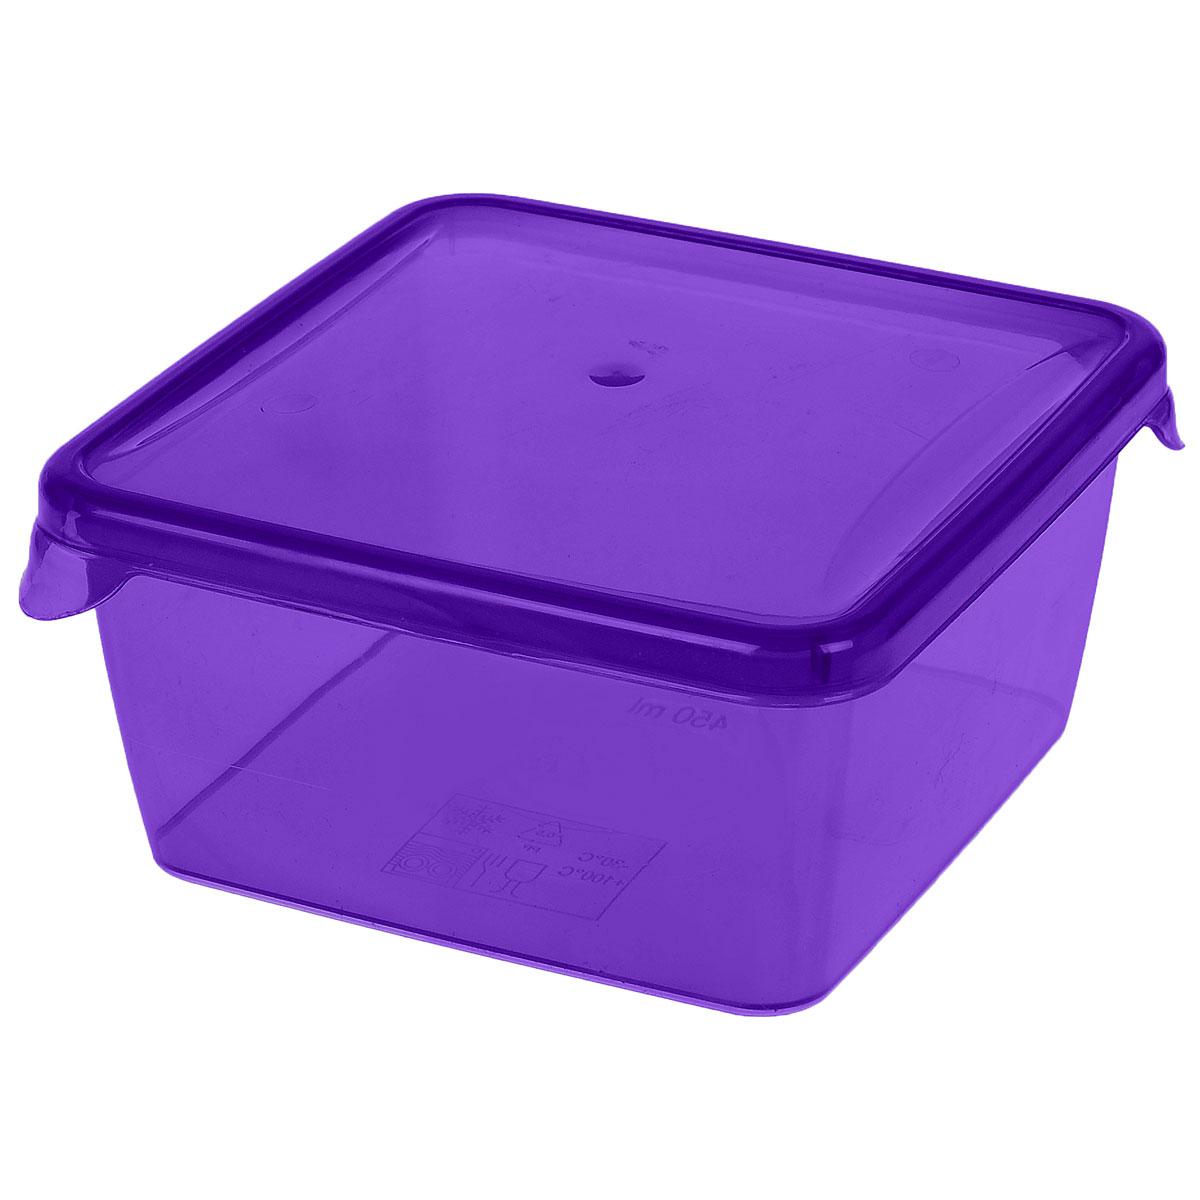 Контейнер P&C Браво, цвет: фиолетовый, 450 млПЦ1030_фиолетовыйКонтейнер P&C Браво выполнен из высококачественного пищевого прозрачного пластика и предназначен для хранения и транспортировки пищи. Крышка легко открывается и плотно закрывается с помощью легкого щелчка. Подходит для использования в микроволновой печи без крышки (до +100°С), для заморозки при минимальной температуре -30°С. Можно мыть в посудомоечной машине.